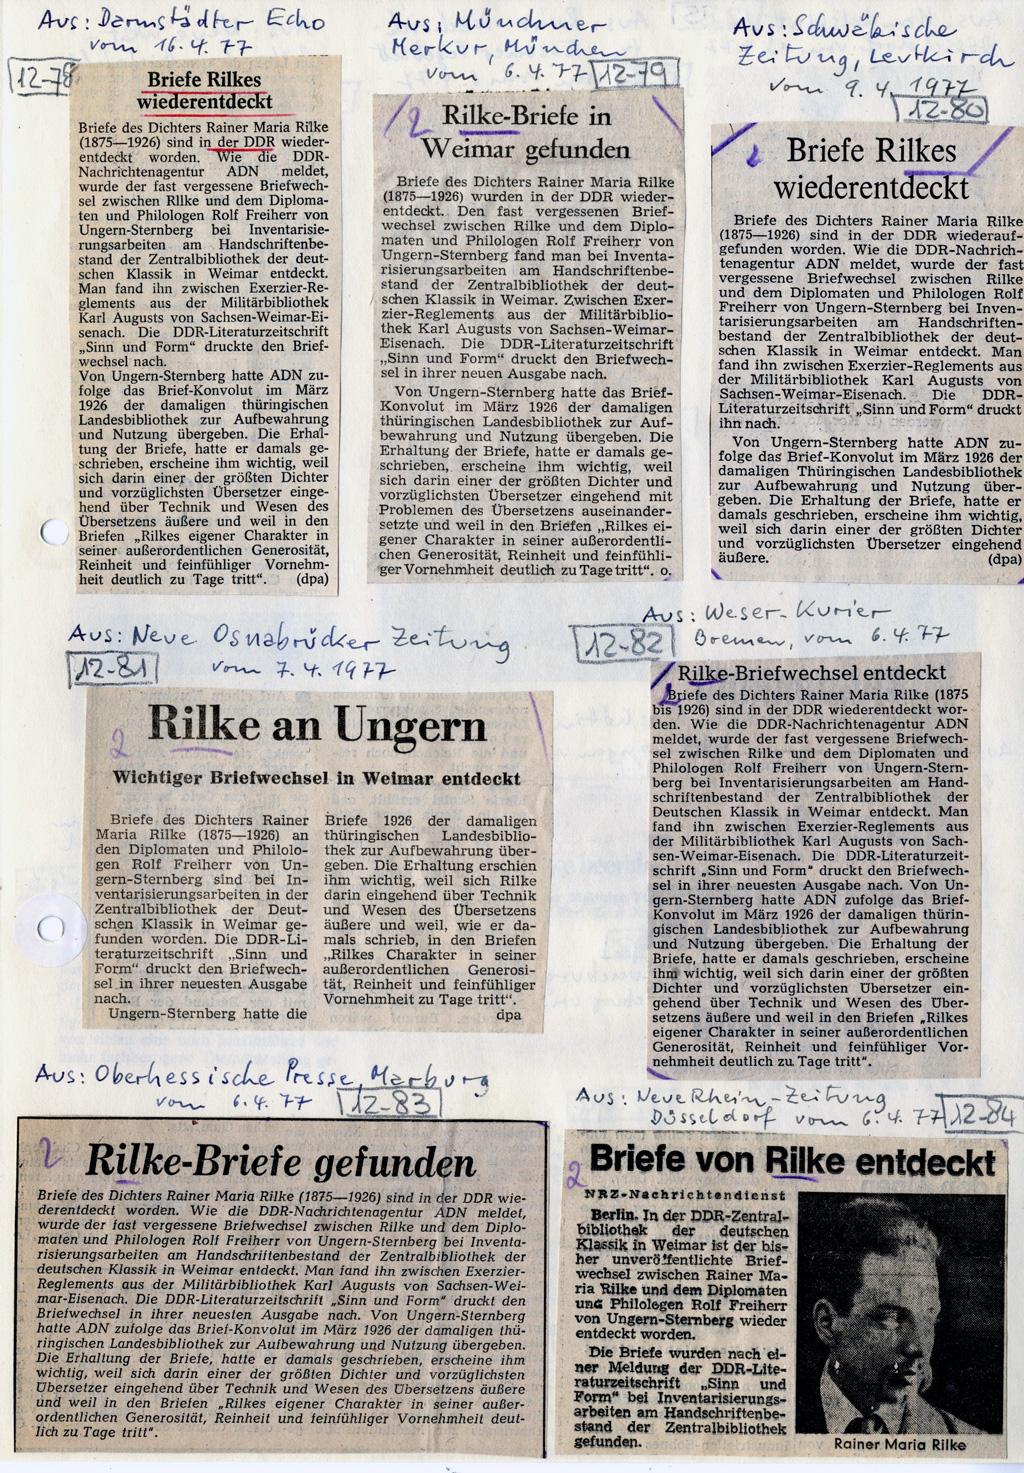 Sammlung K. Klutz